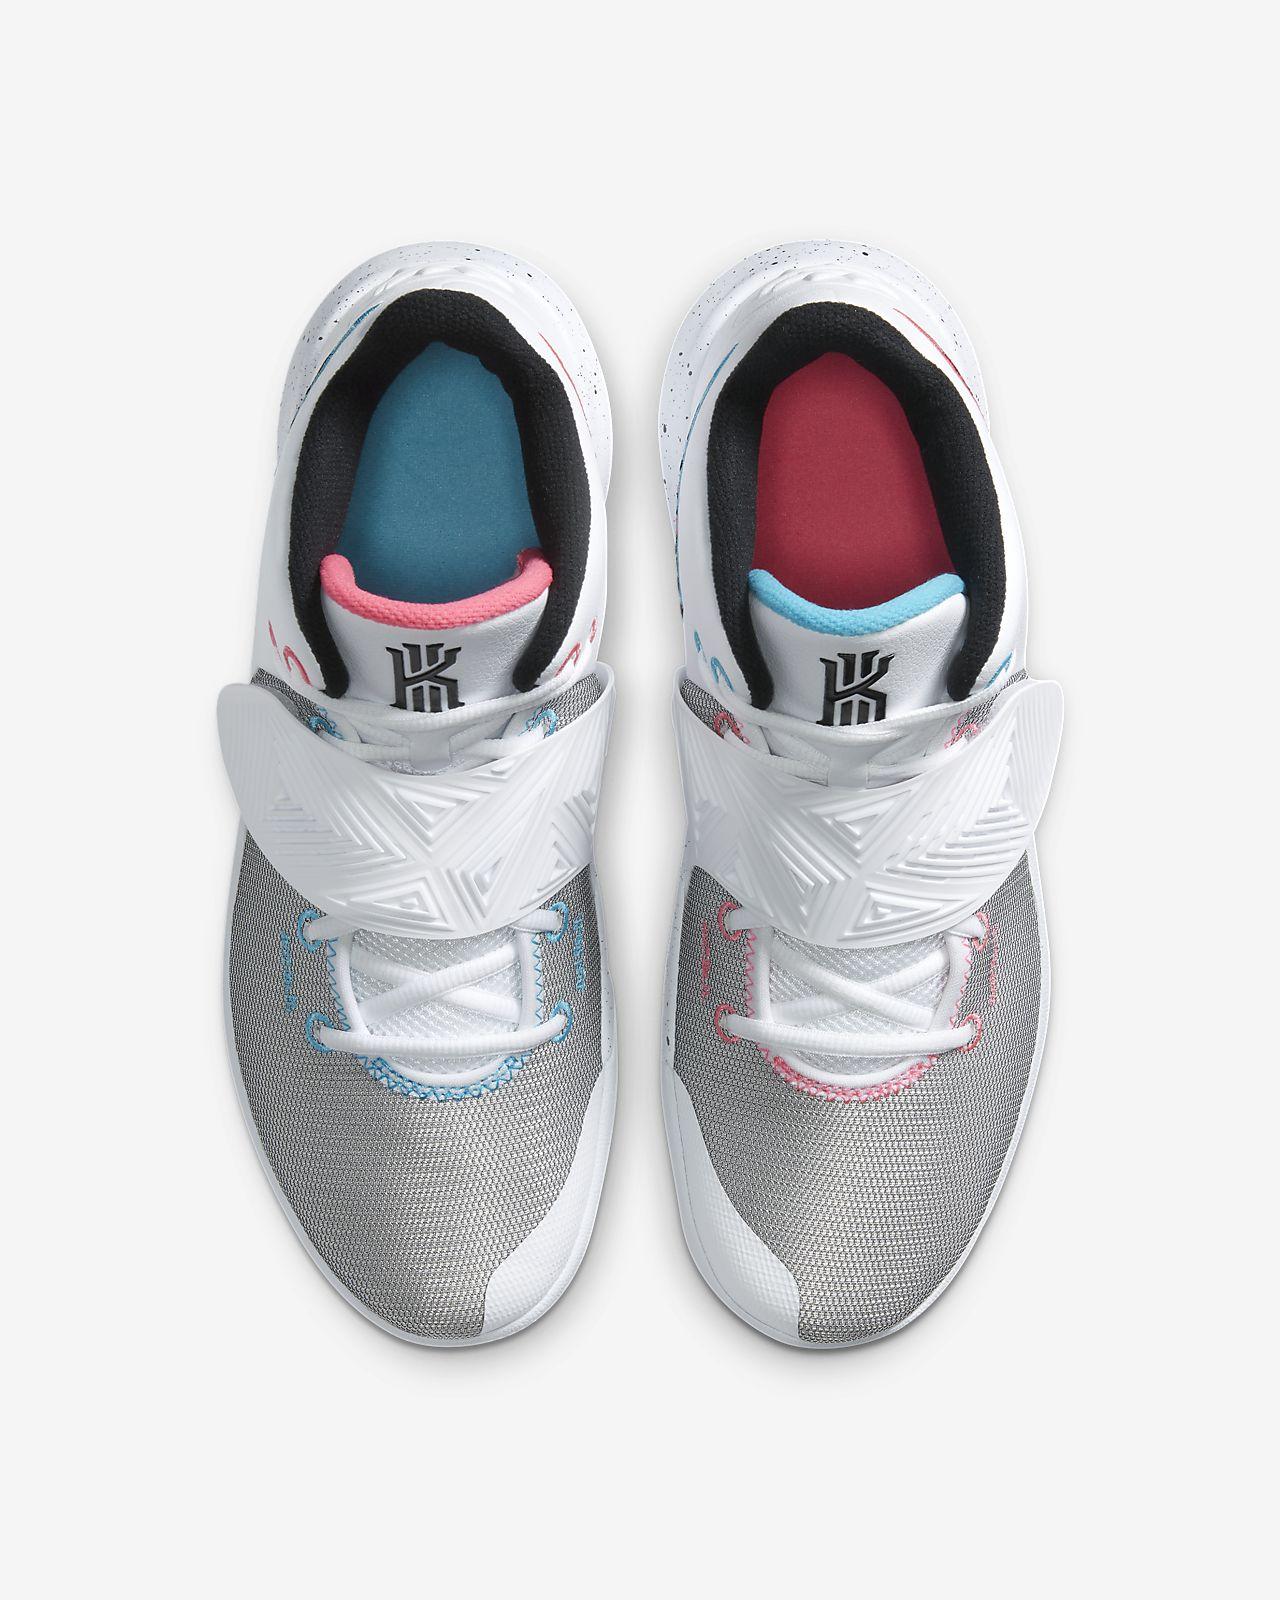 Kyrie Flytrap 3 Zapatillas de baloncesto